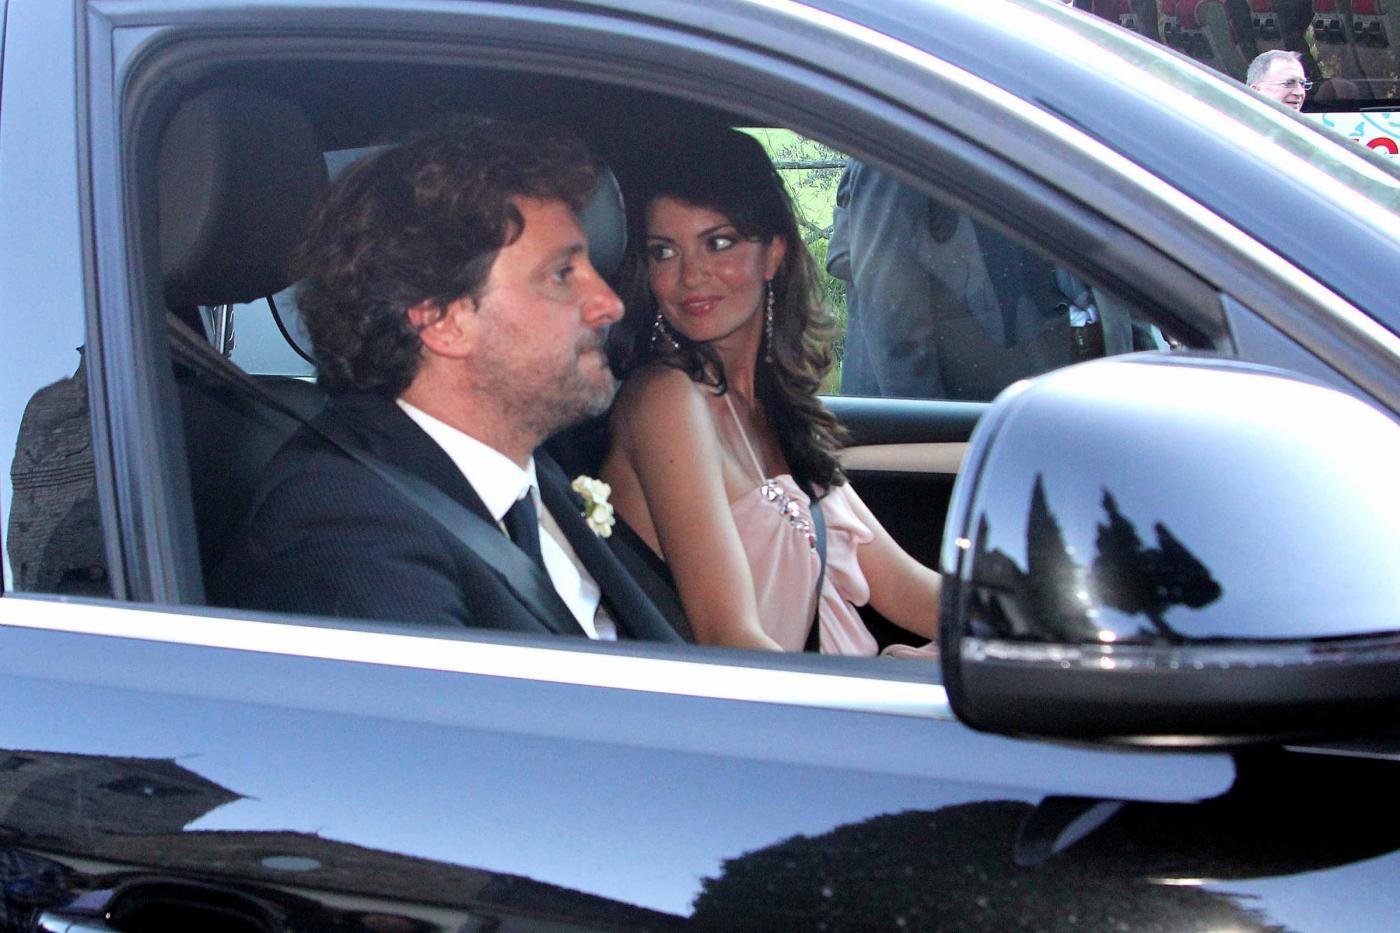 Laura Torrisi e Leonardo Pieraccioni con la loro bambina06